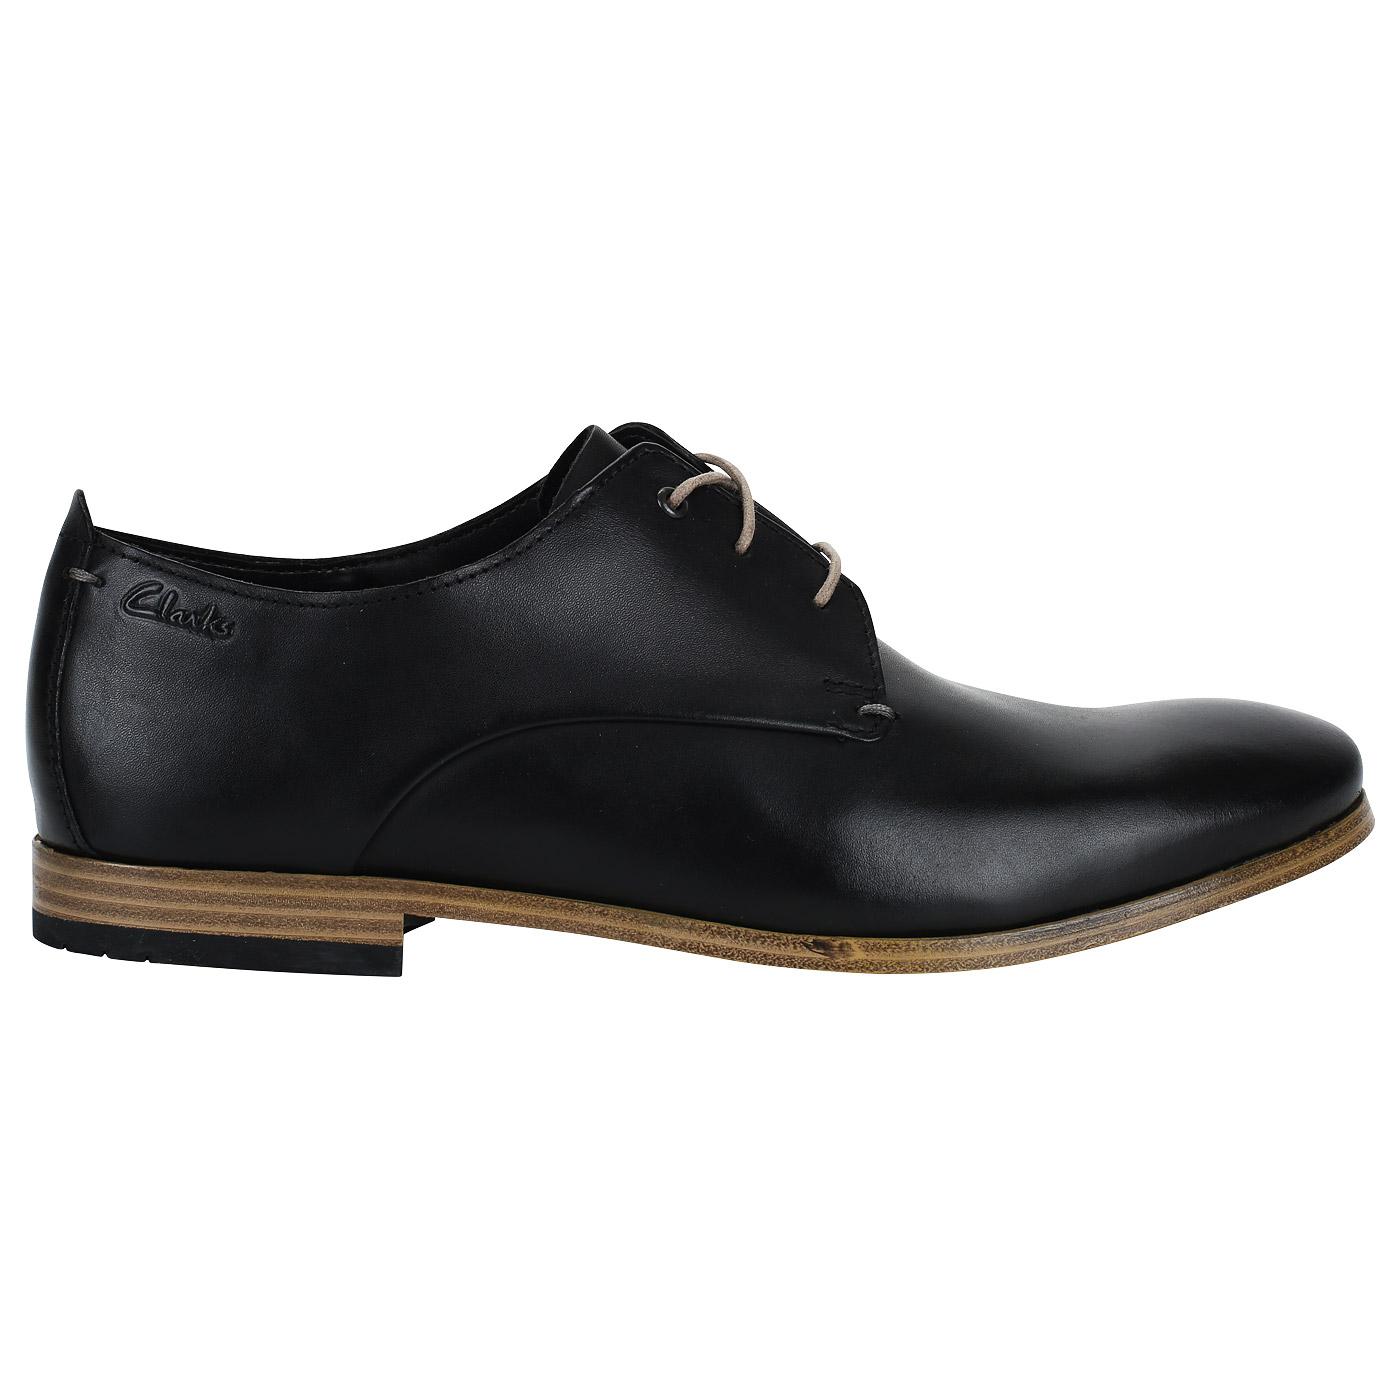 Мужские кожаные полуботинки черного цвета Clarks Chinley Walk ... ea3f3ac665c27